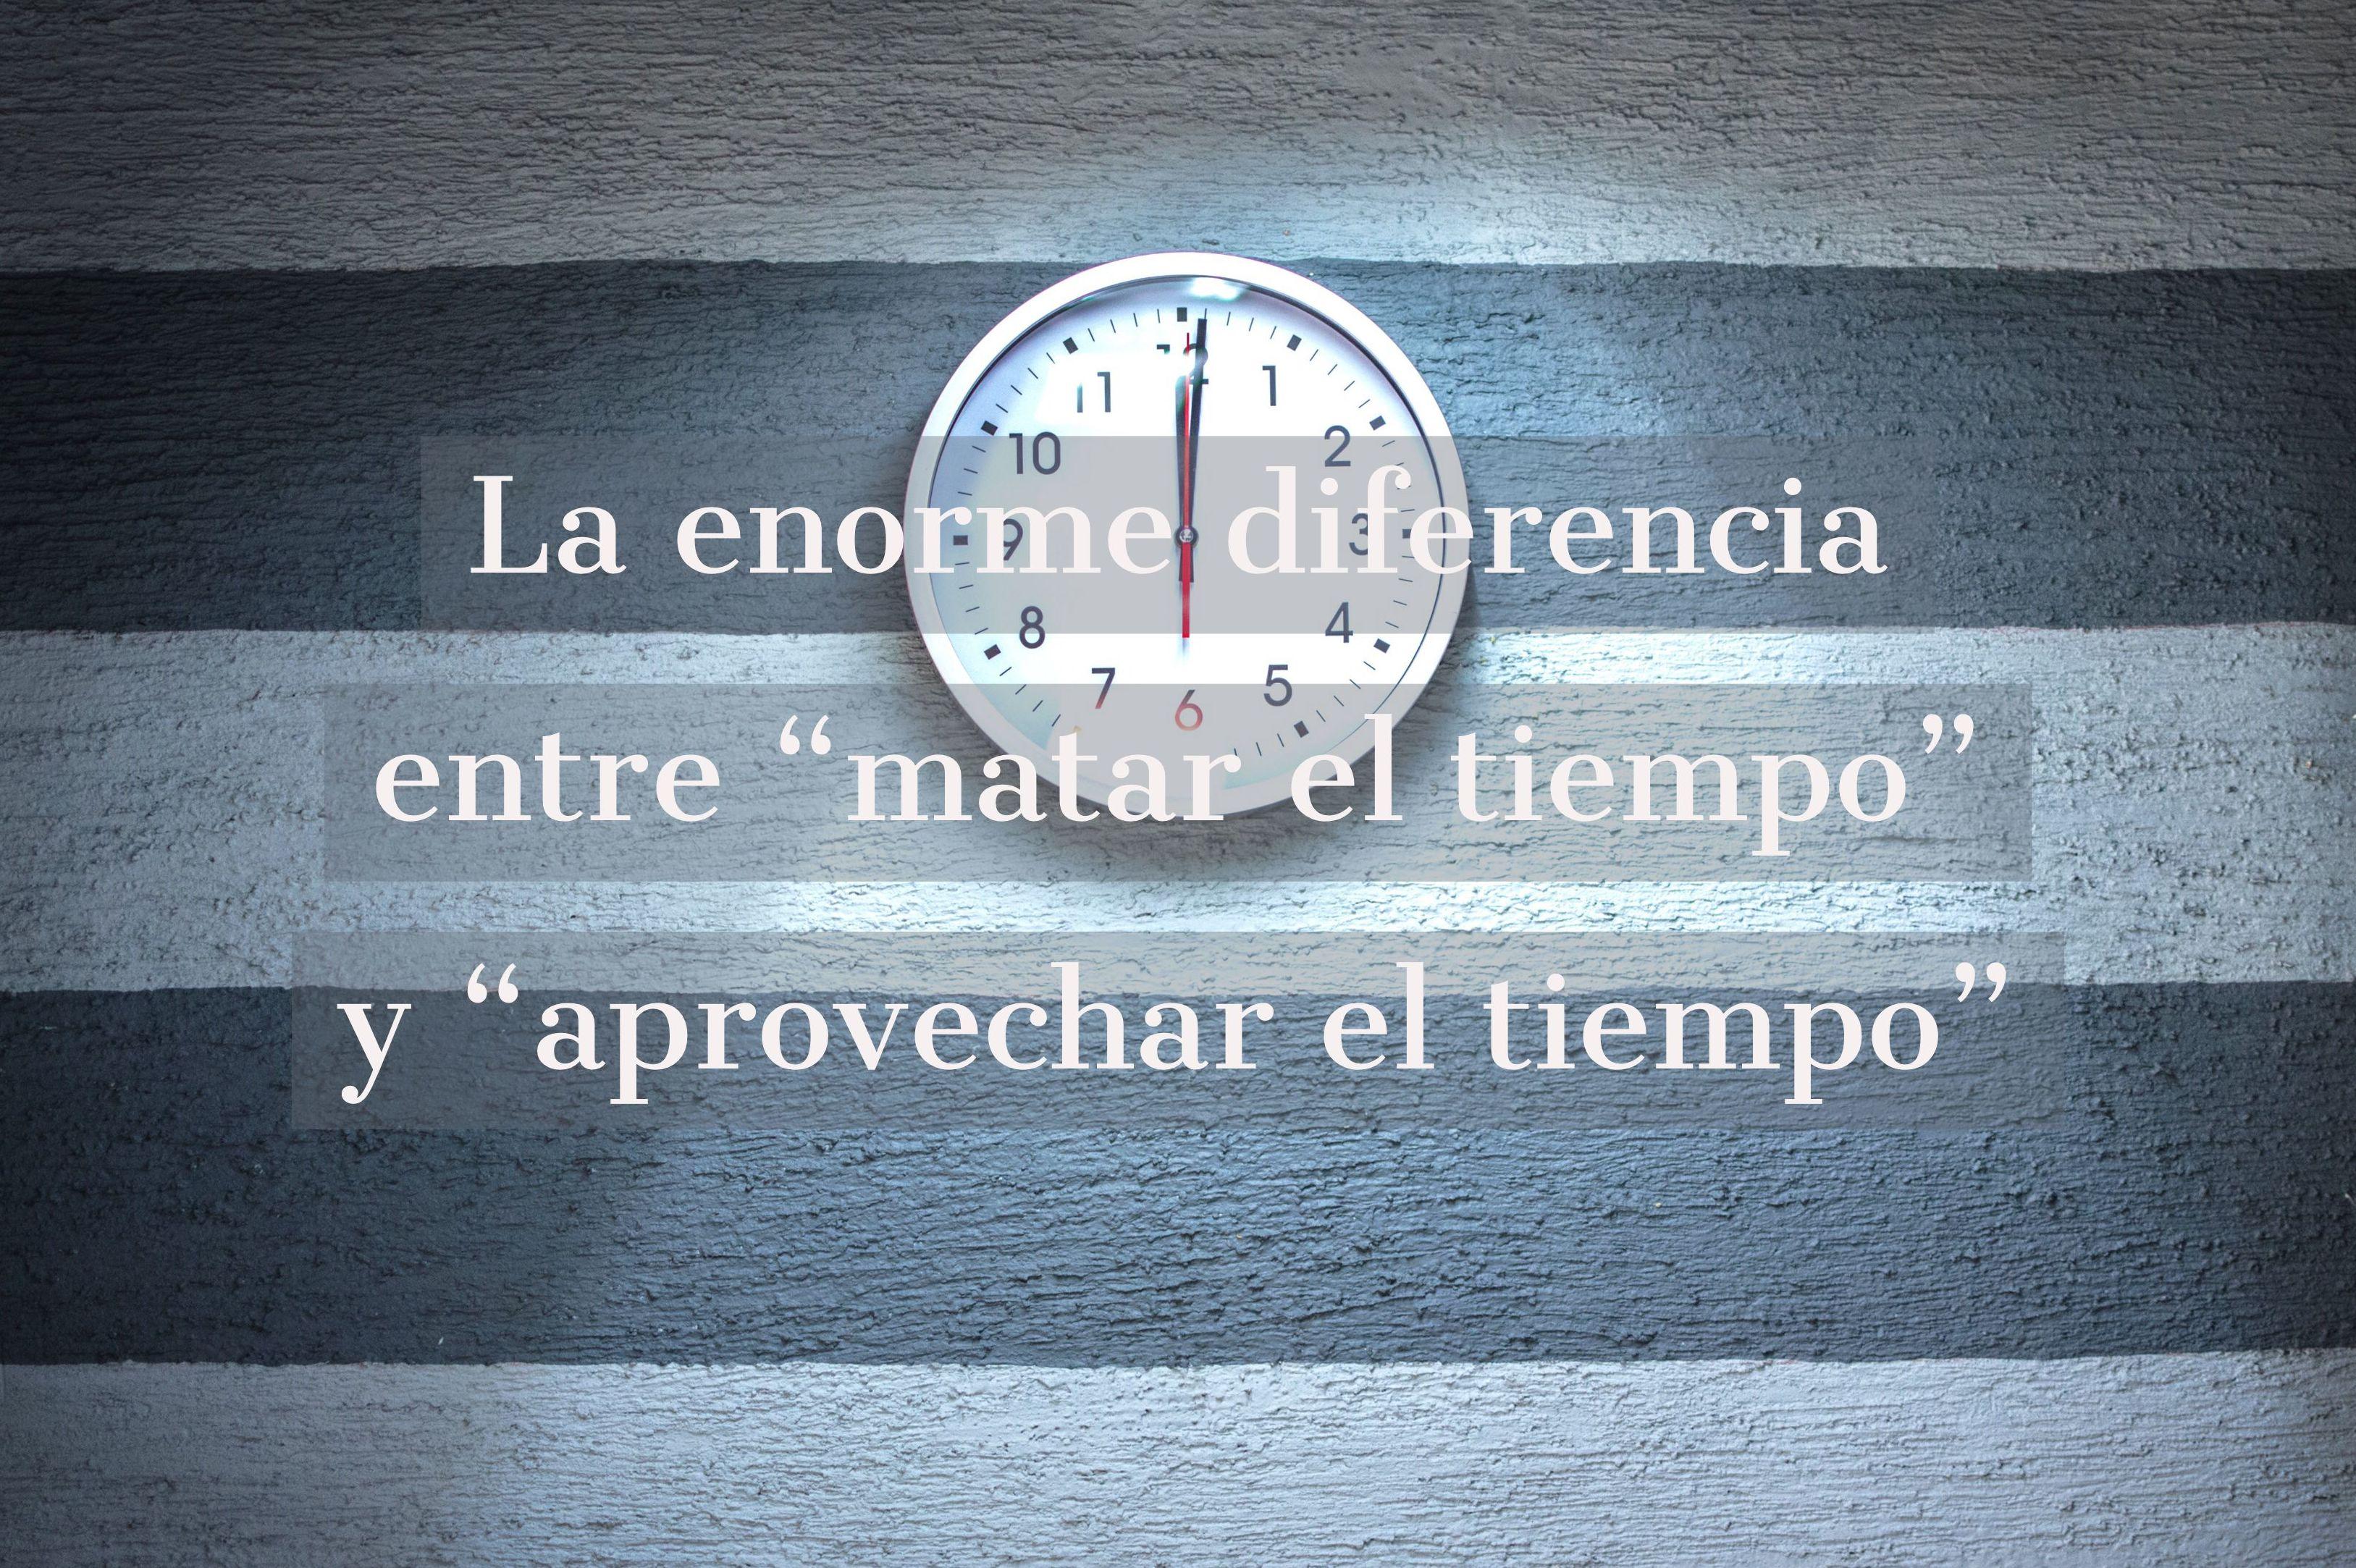 """La enorme diferencia entre """"matar el tiempo"""" y """"aprovechar el tiempo"""""""